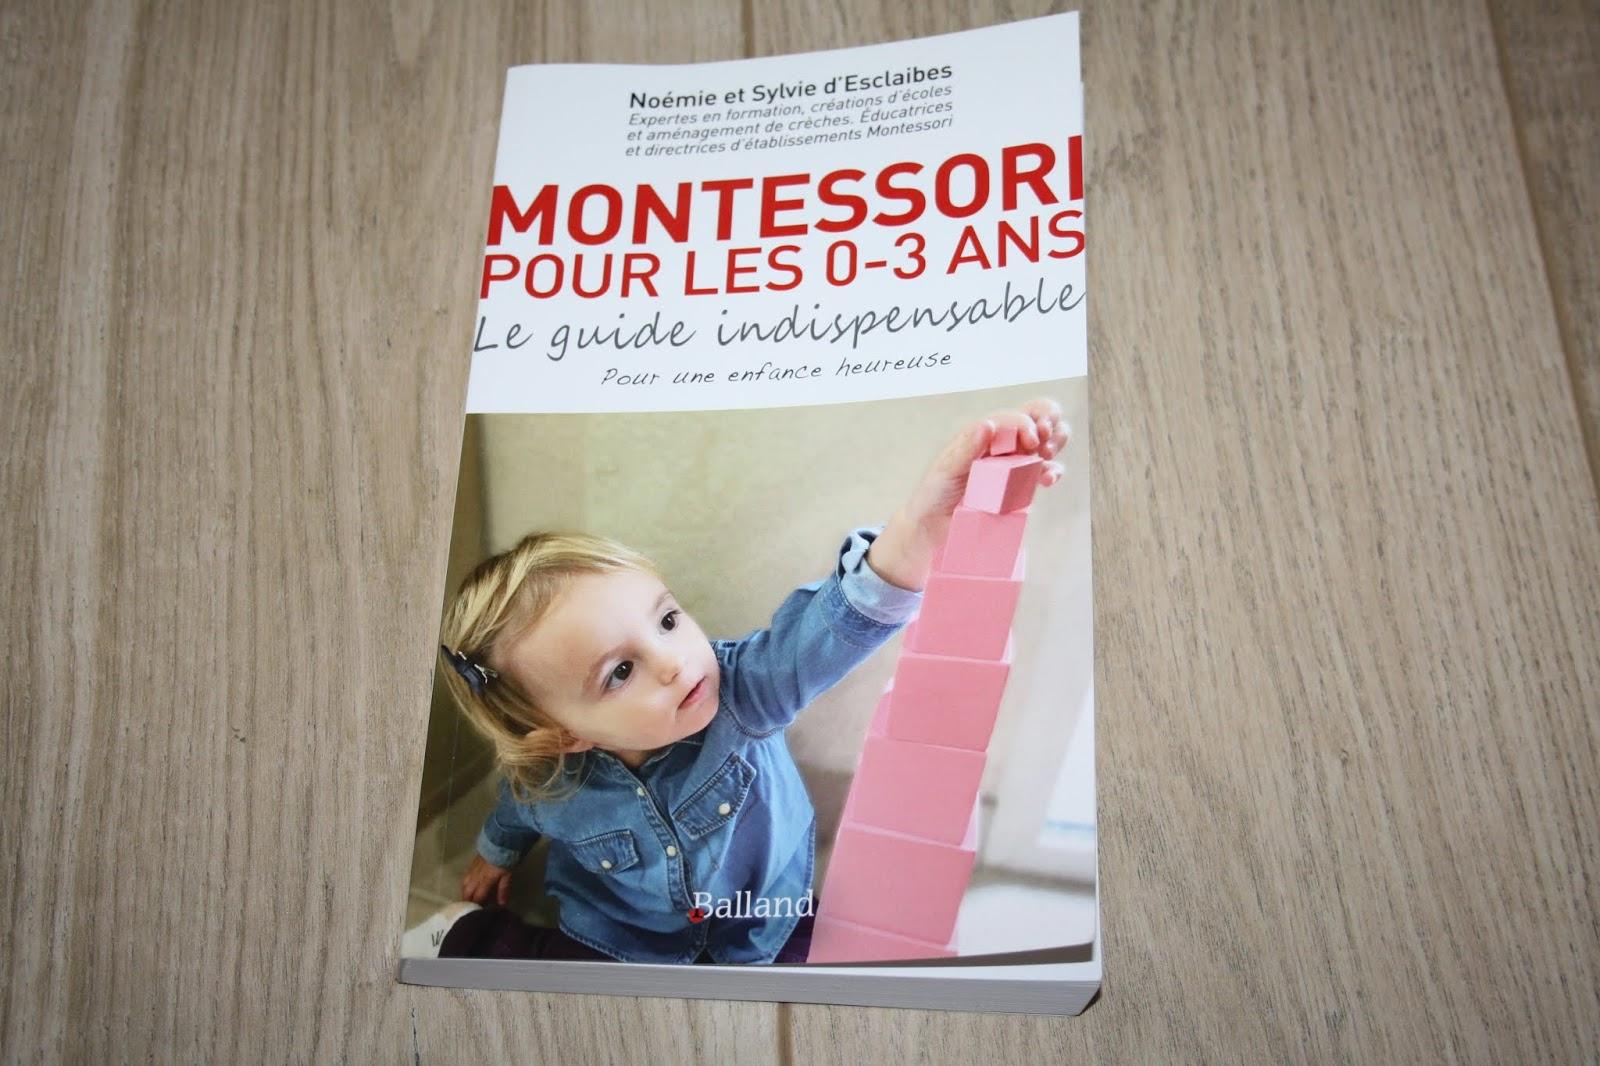 Montessori Pour Les 0-3 Ans : Le Guide Indispensable Pour dedans Activité Montessori 3 Ans